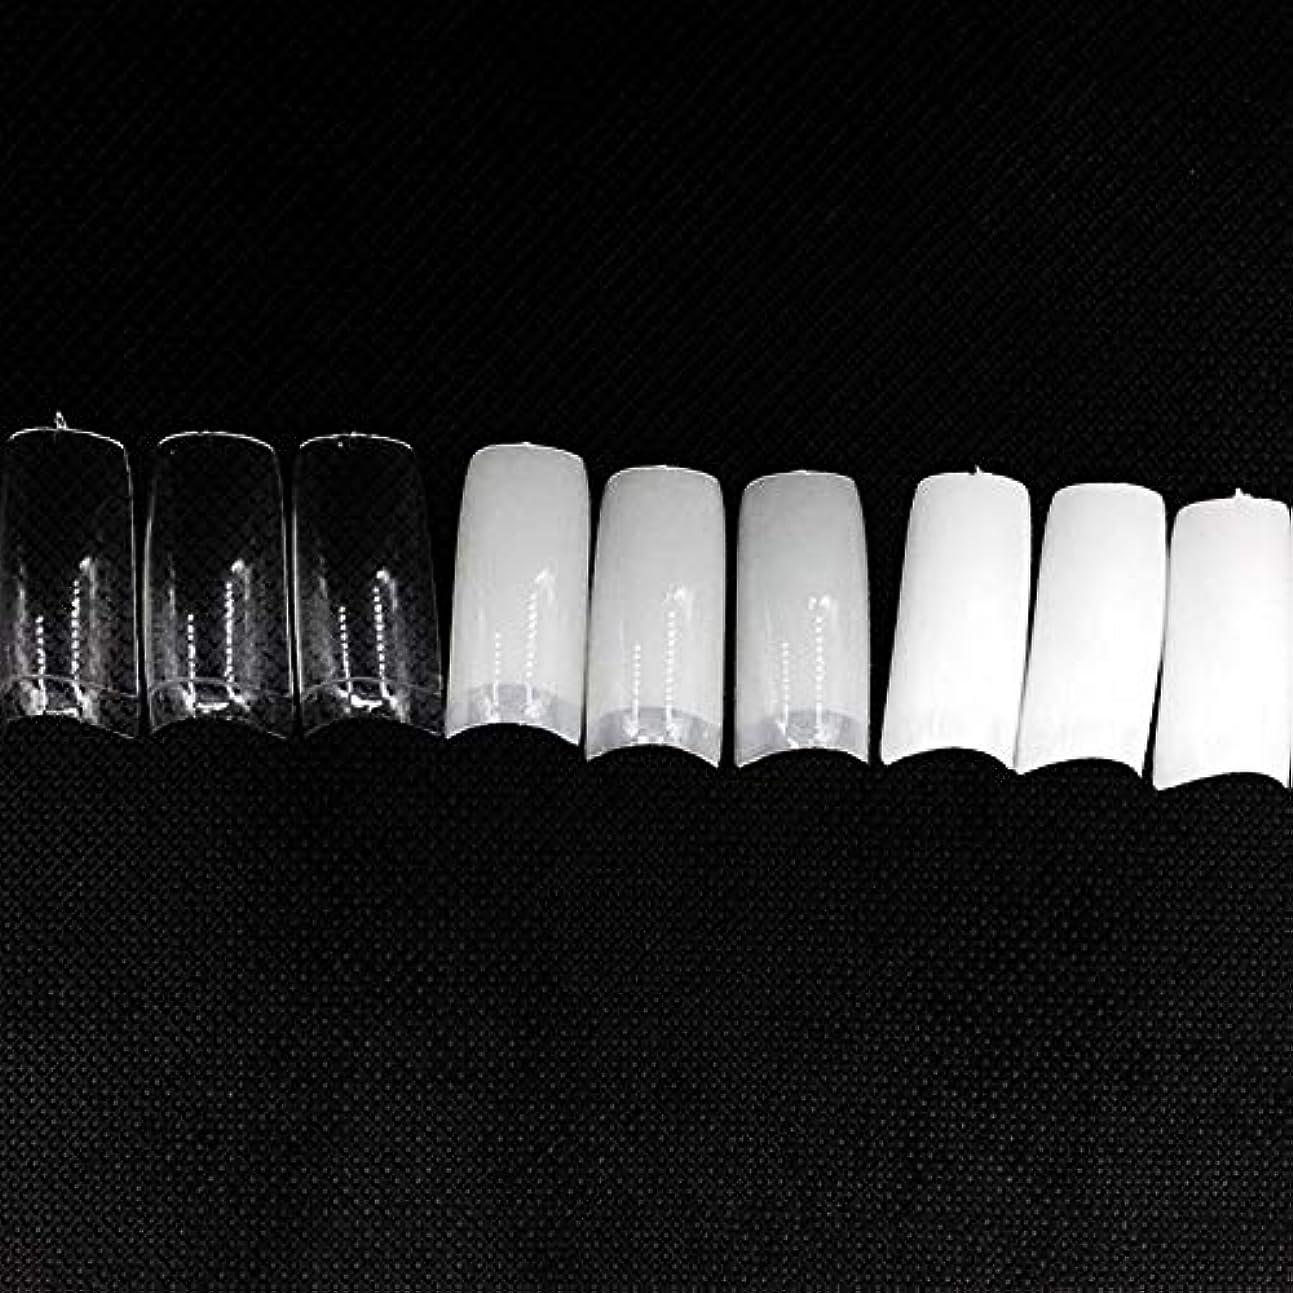 ベテランターゲットちょうつがいネイルチップ つけ爪 偽爪 無地 ロング オーバル 10サイズ デコレーション フルチップ シンプル DIY デザイン 500個/セット Moomai